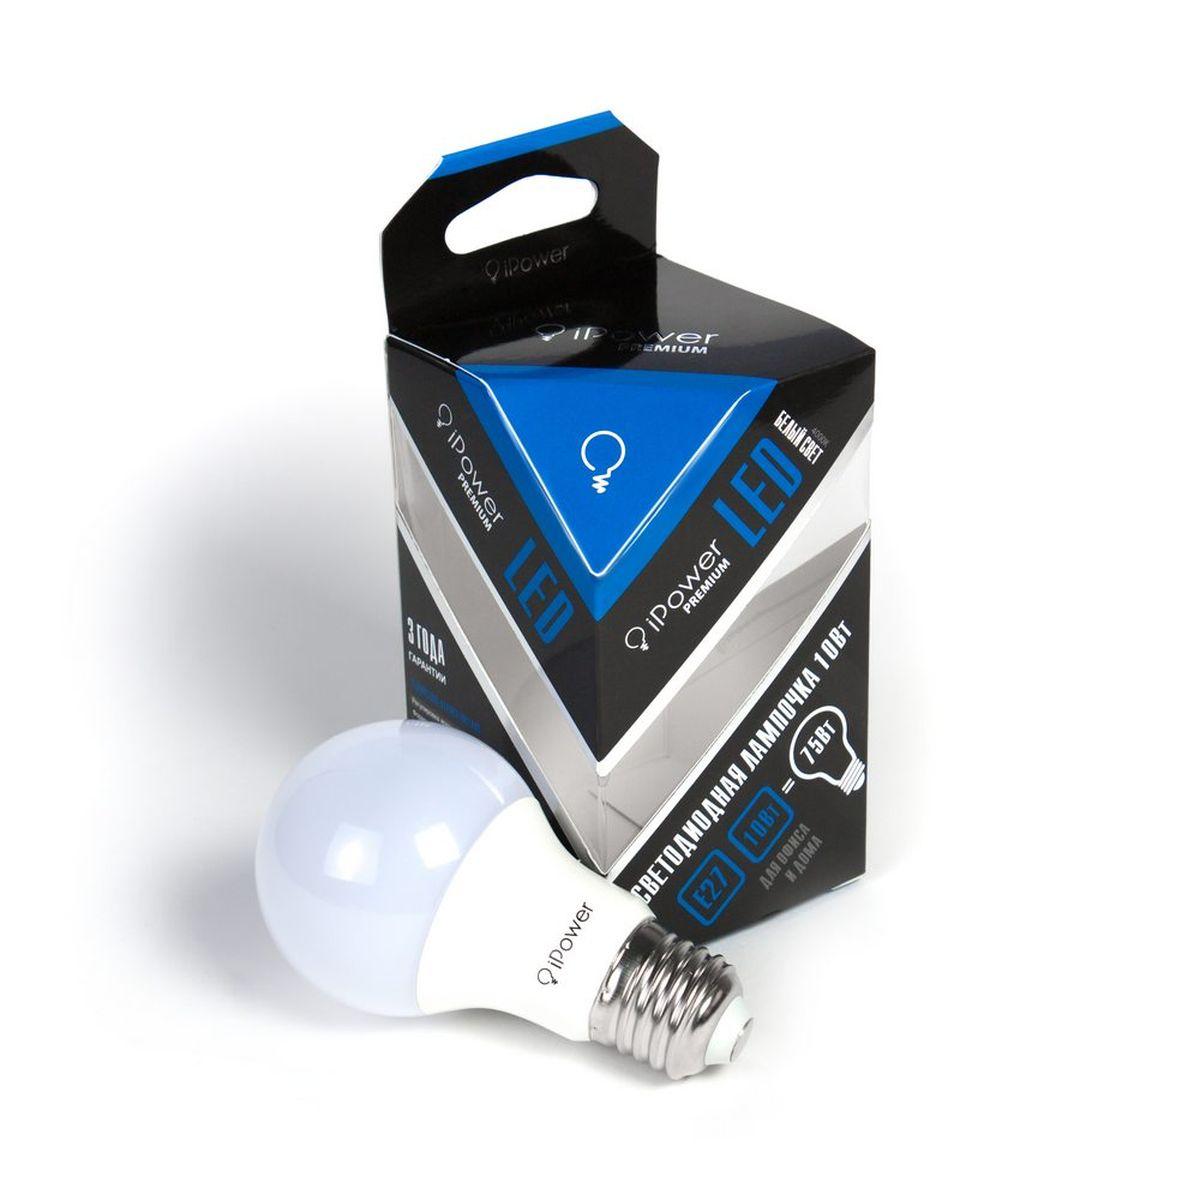 Лампа светодиодная IPower Premium, LED, цоколь Е27, 10W, 4000К белый свет